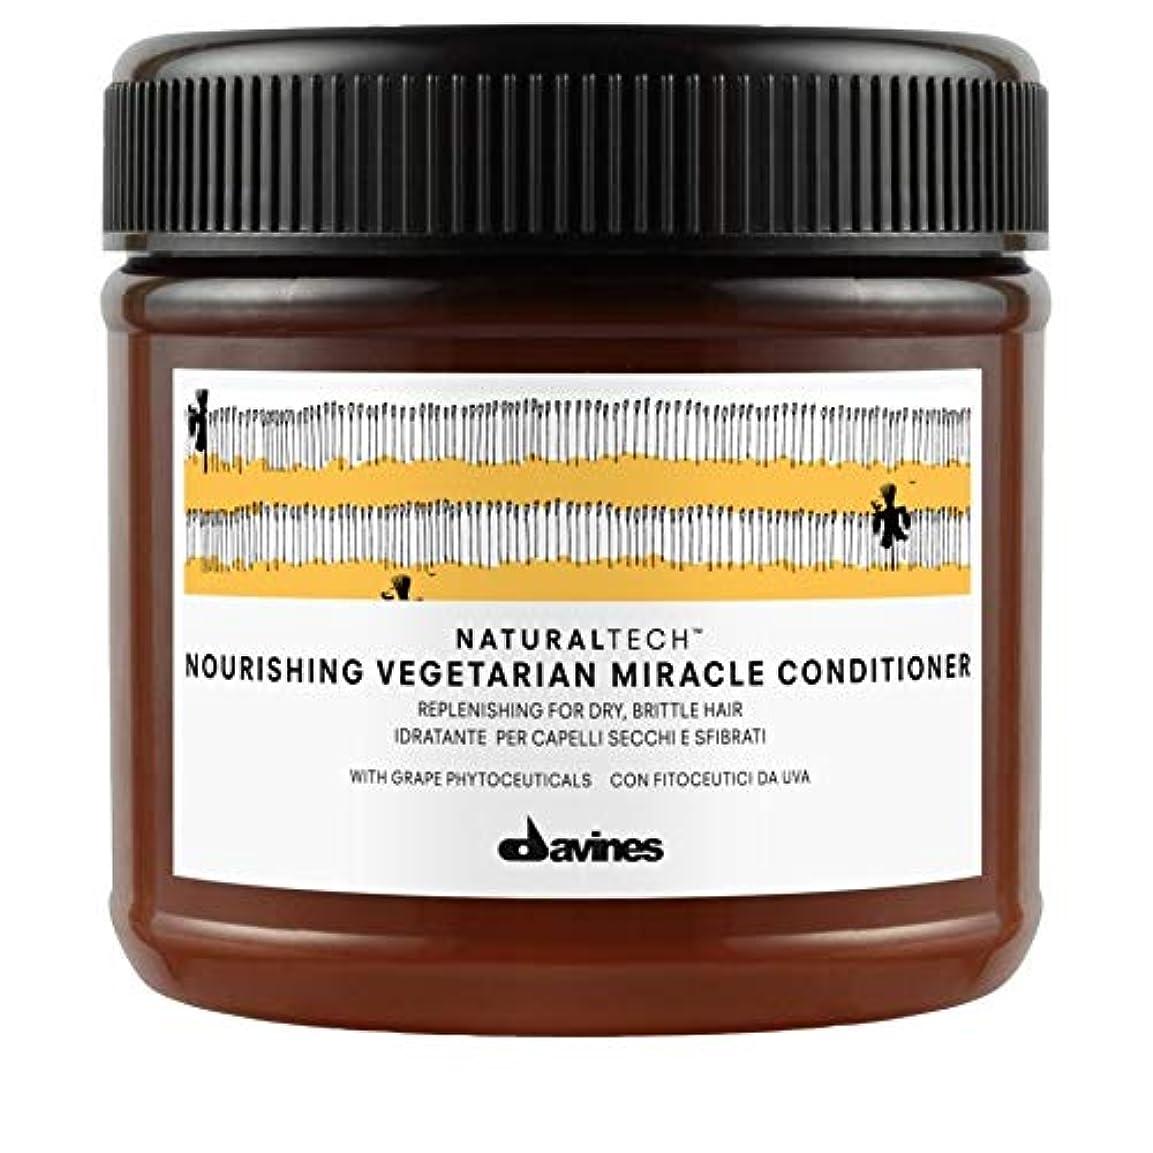 古くなった付与型[Davines ] ダヴィネス栄養ベジタリアン奇跡のコンディショナー250Ml - Davines Nourishing Vegetarian Miracle Conditioner 250ml [並行輸入品]